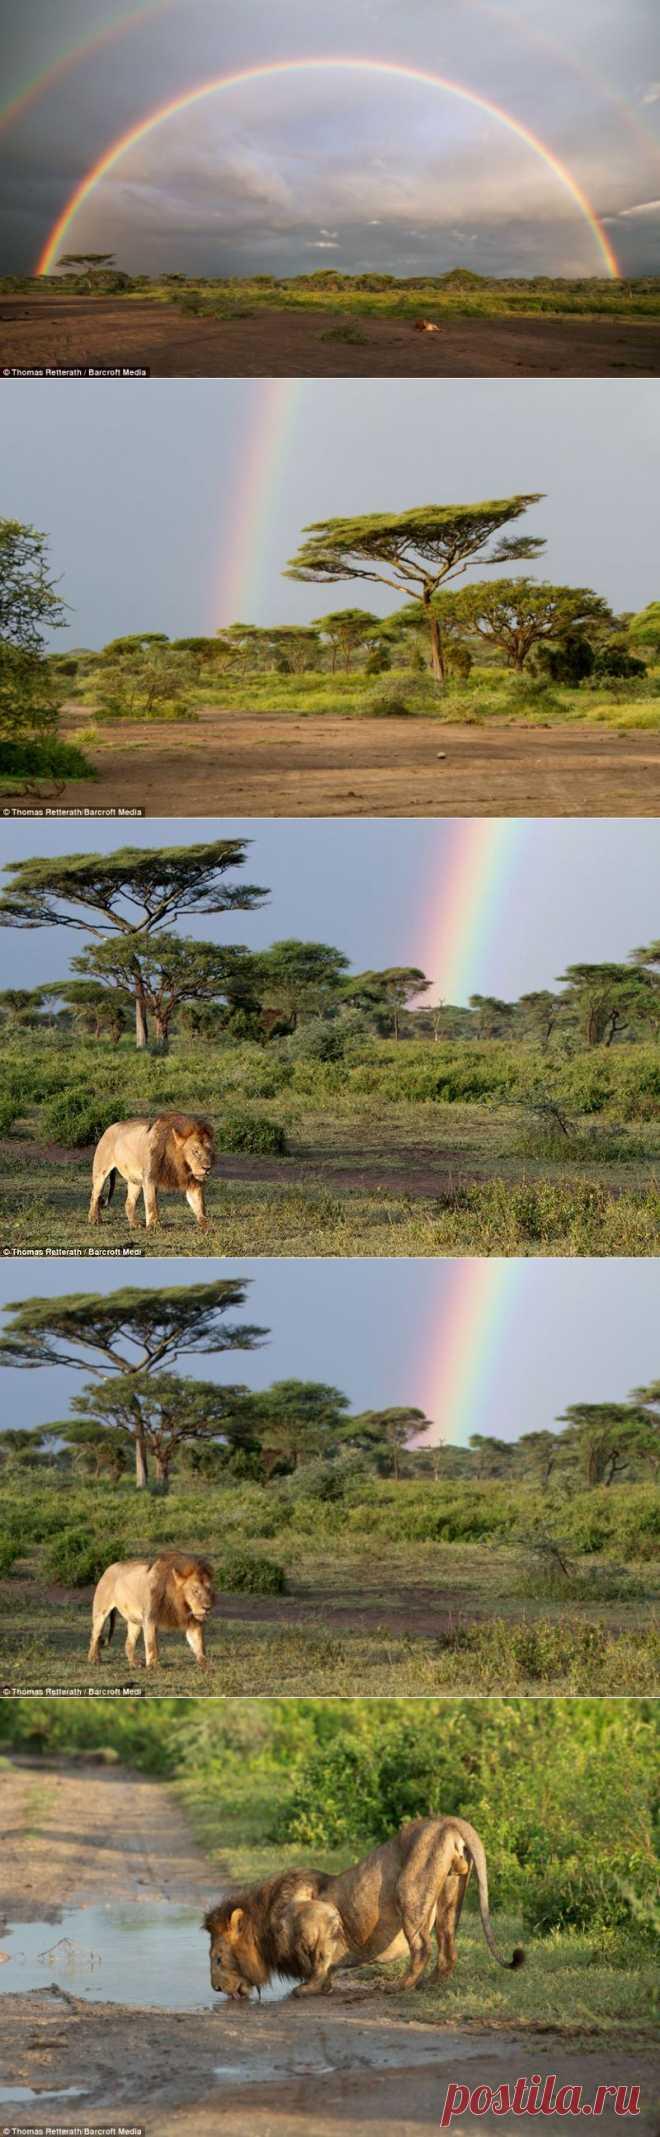 Лев и радуга :  НОВОСТИ В ФОТОГРАФИЯХ